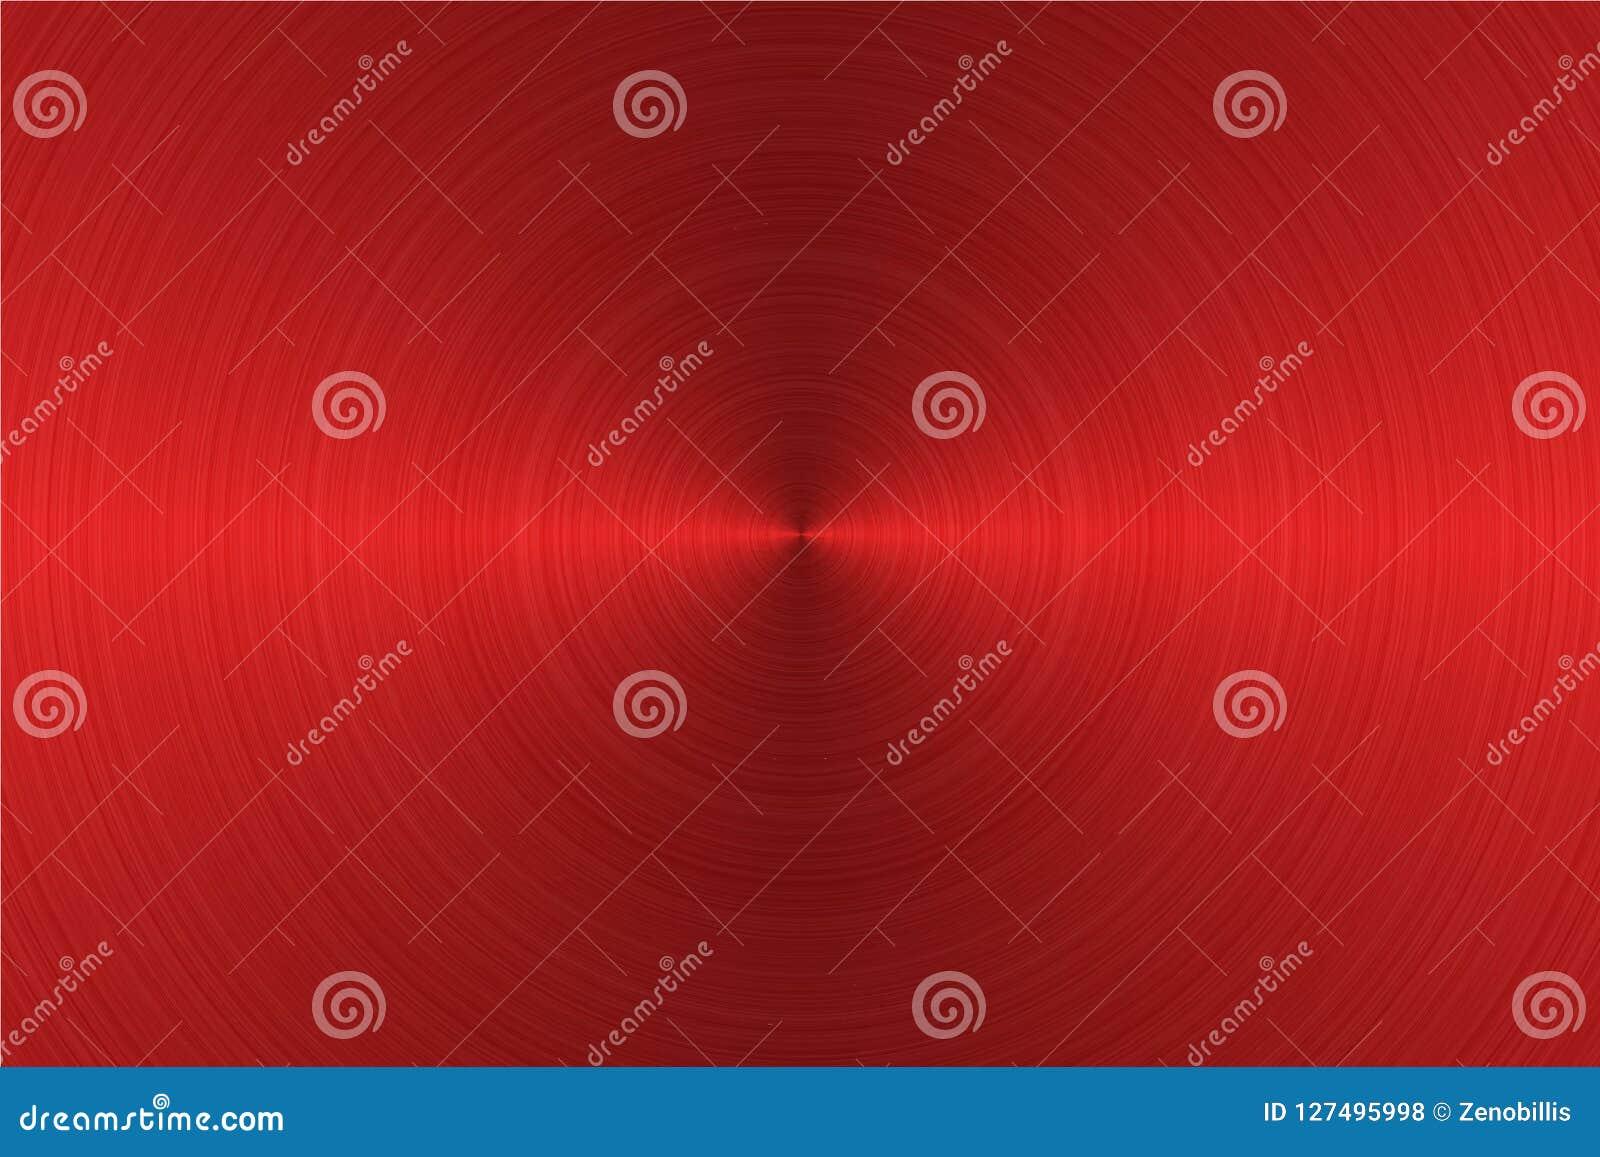 Superficie de metal circular cepillada del color rojo Ilustración del vector